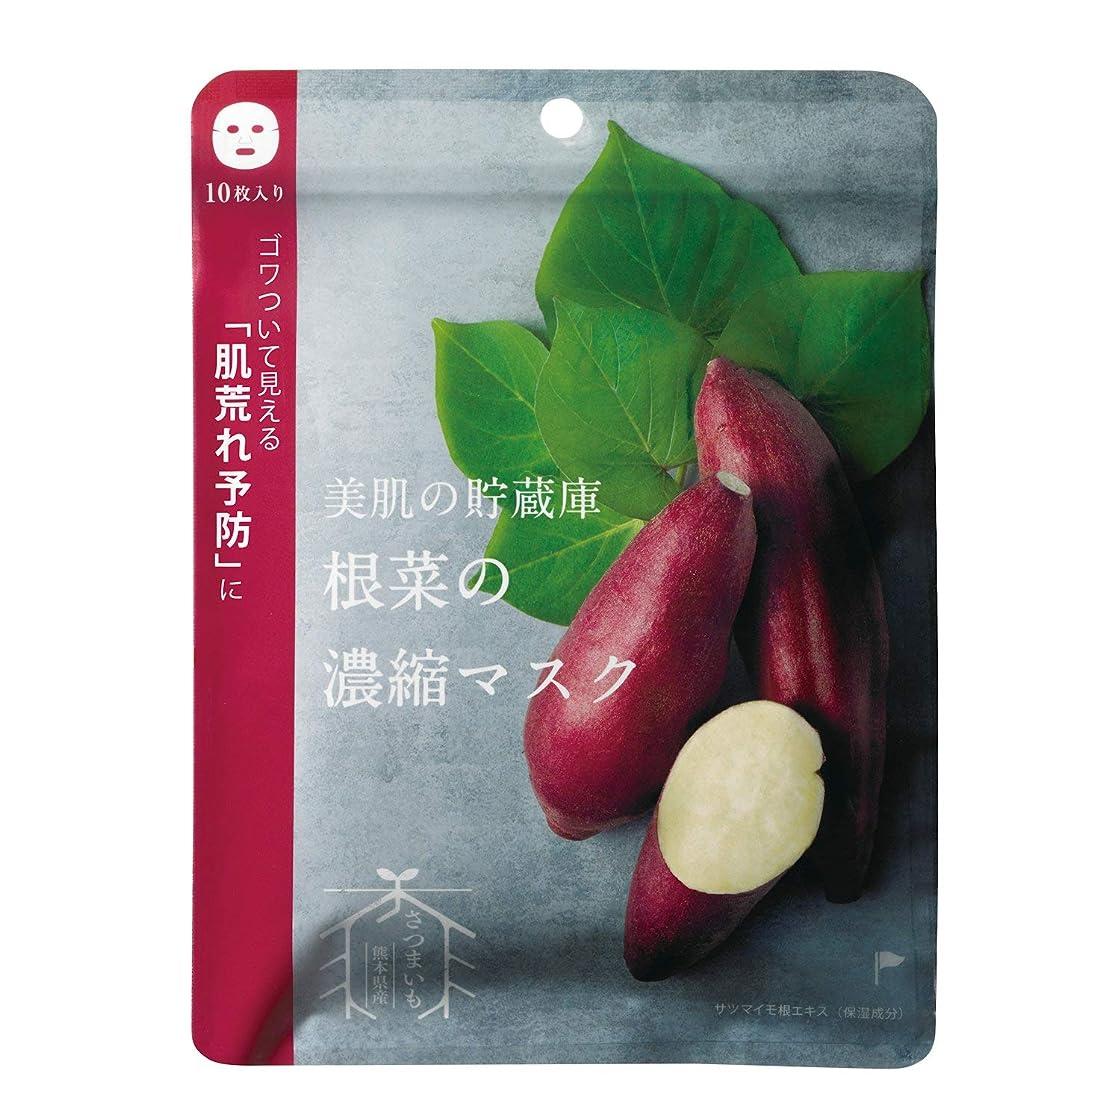 フェザー競合他社選手購入@cosme nippon 美肌の貯蔵庫 根菜の濃縮マスク 安納いも 10枚 160ml